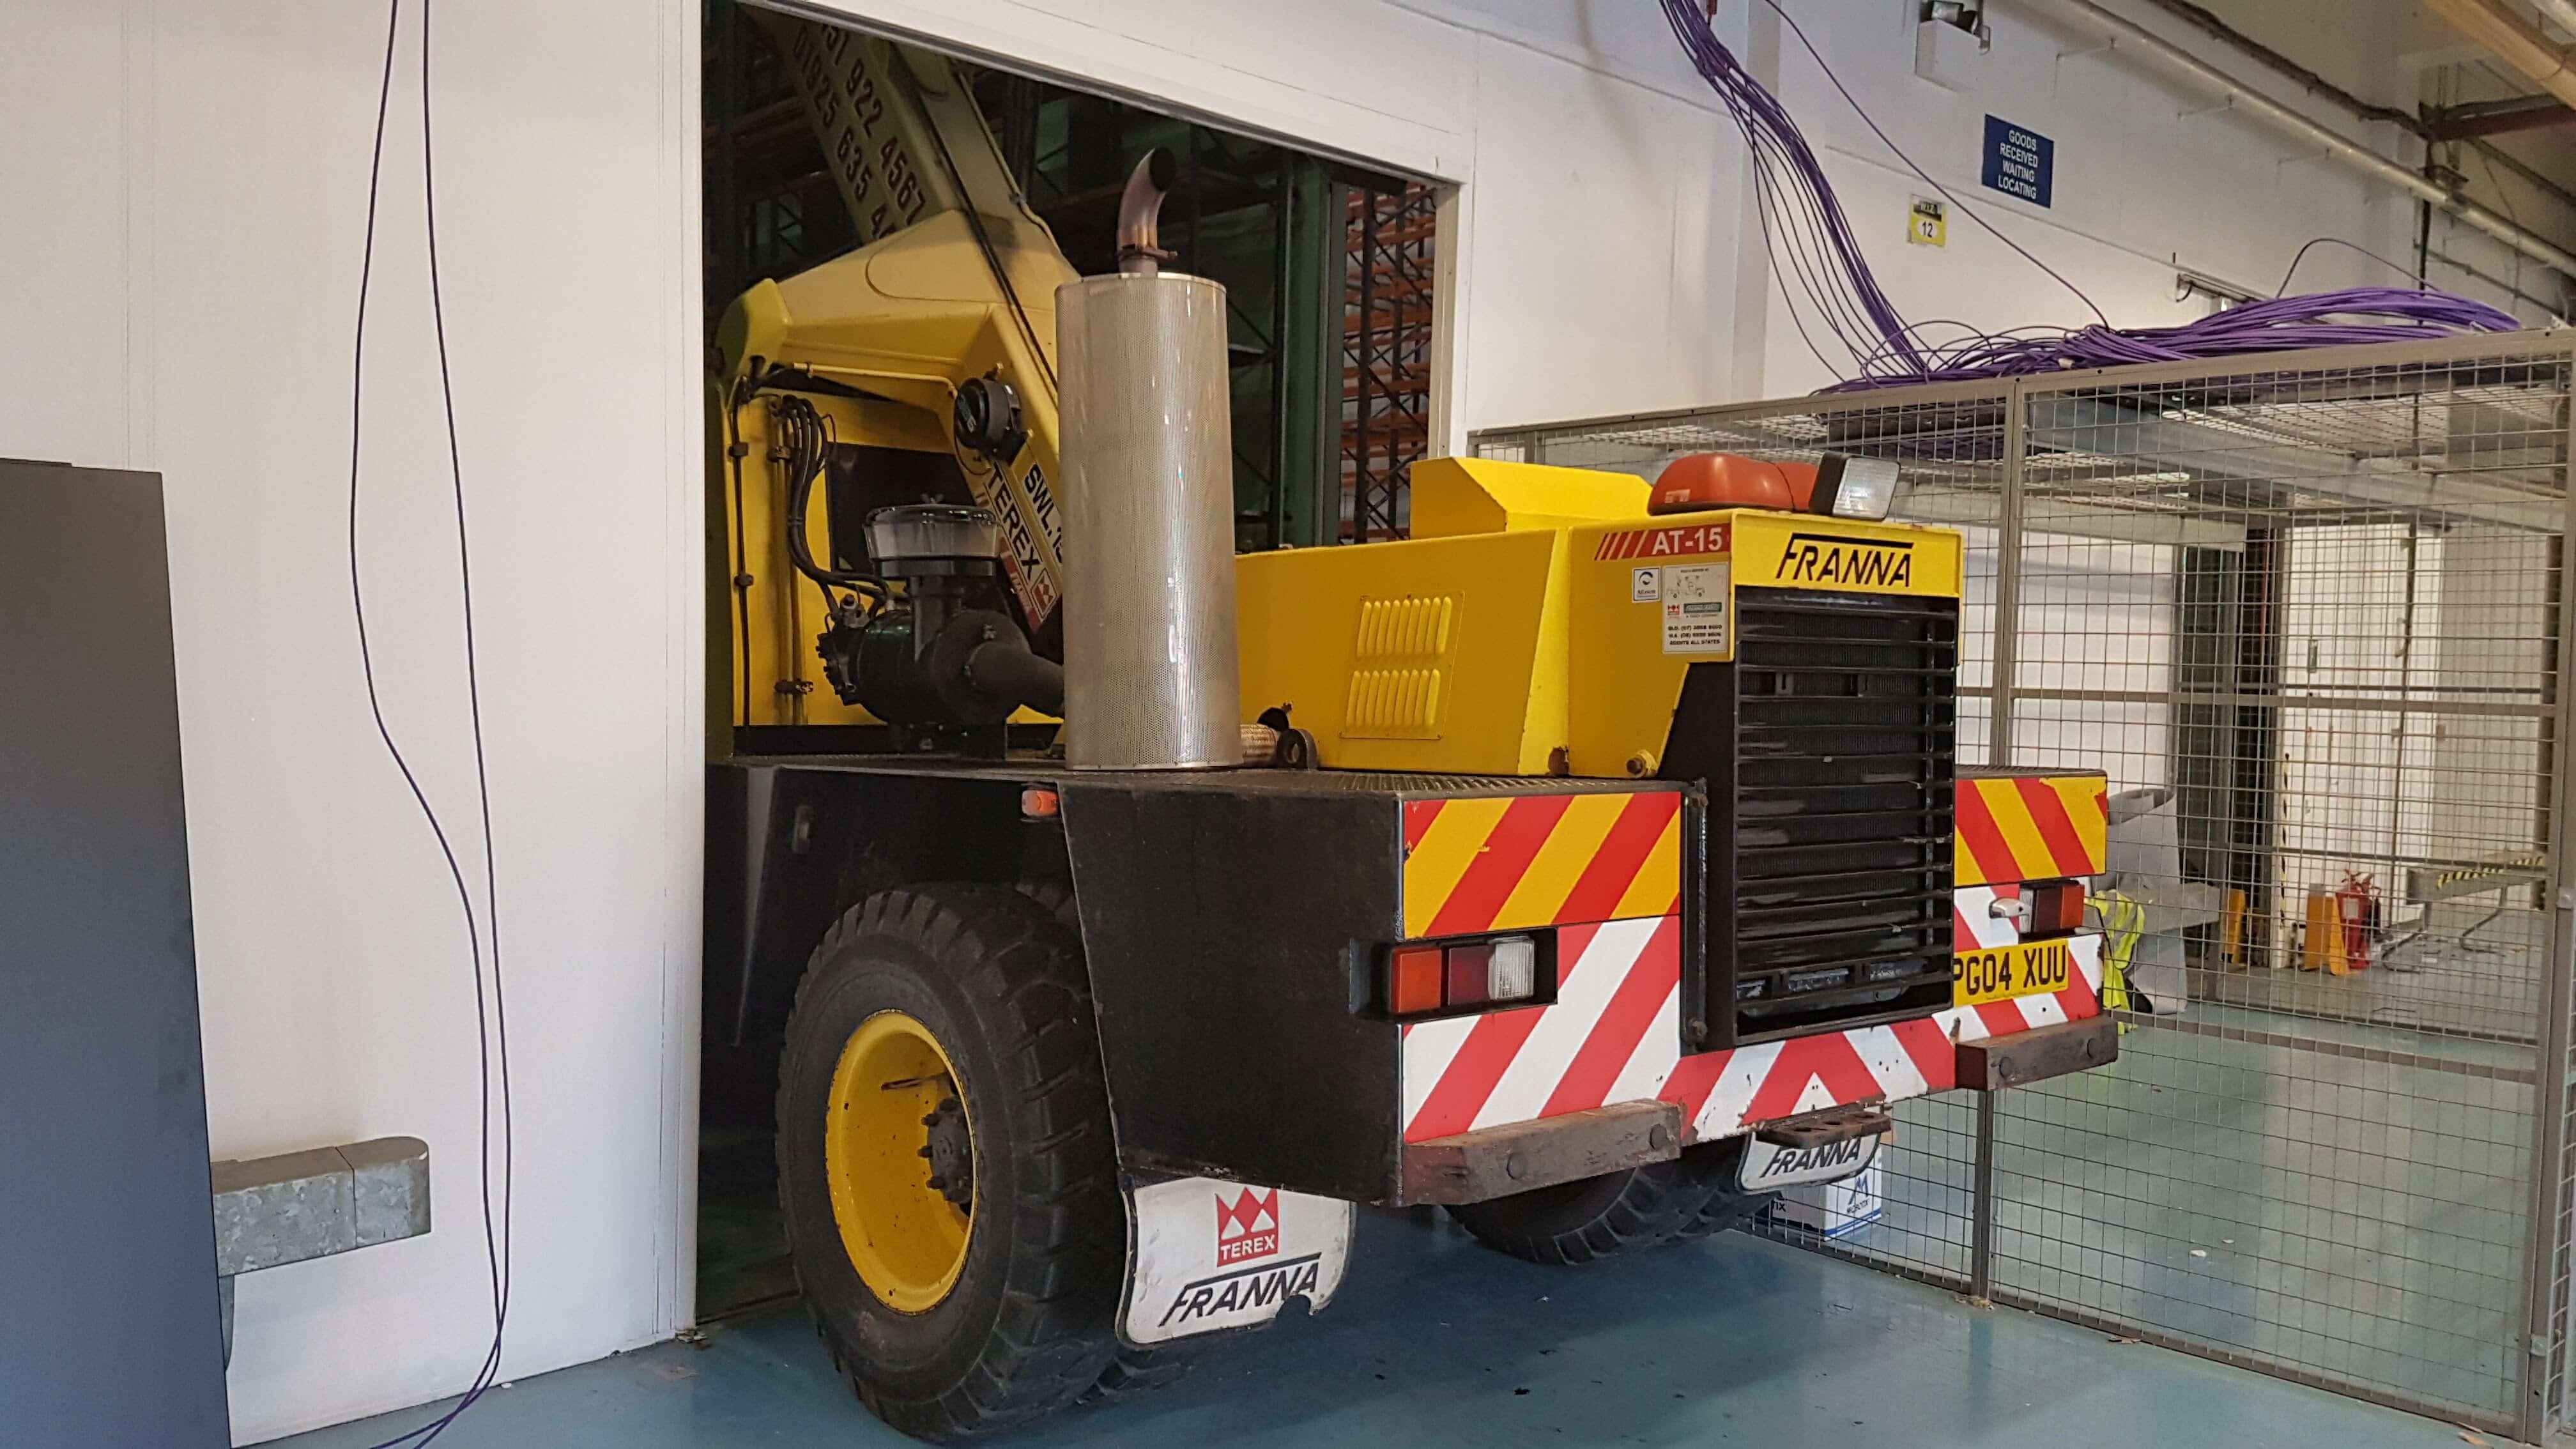 Roadcraft Crane Hire - Franna 15T